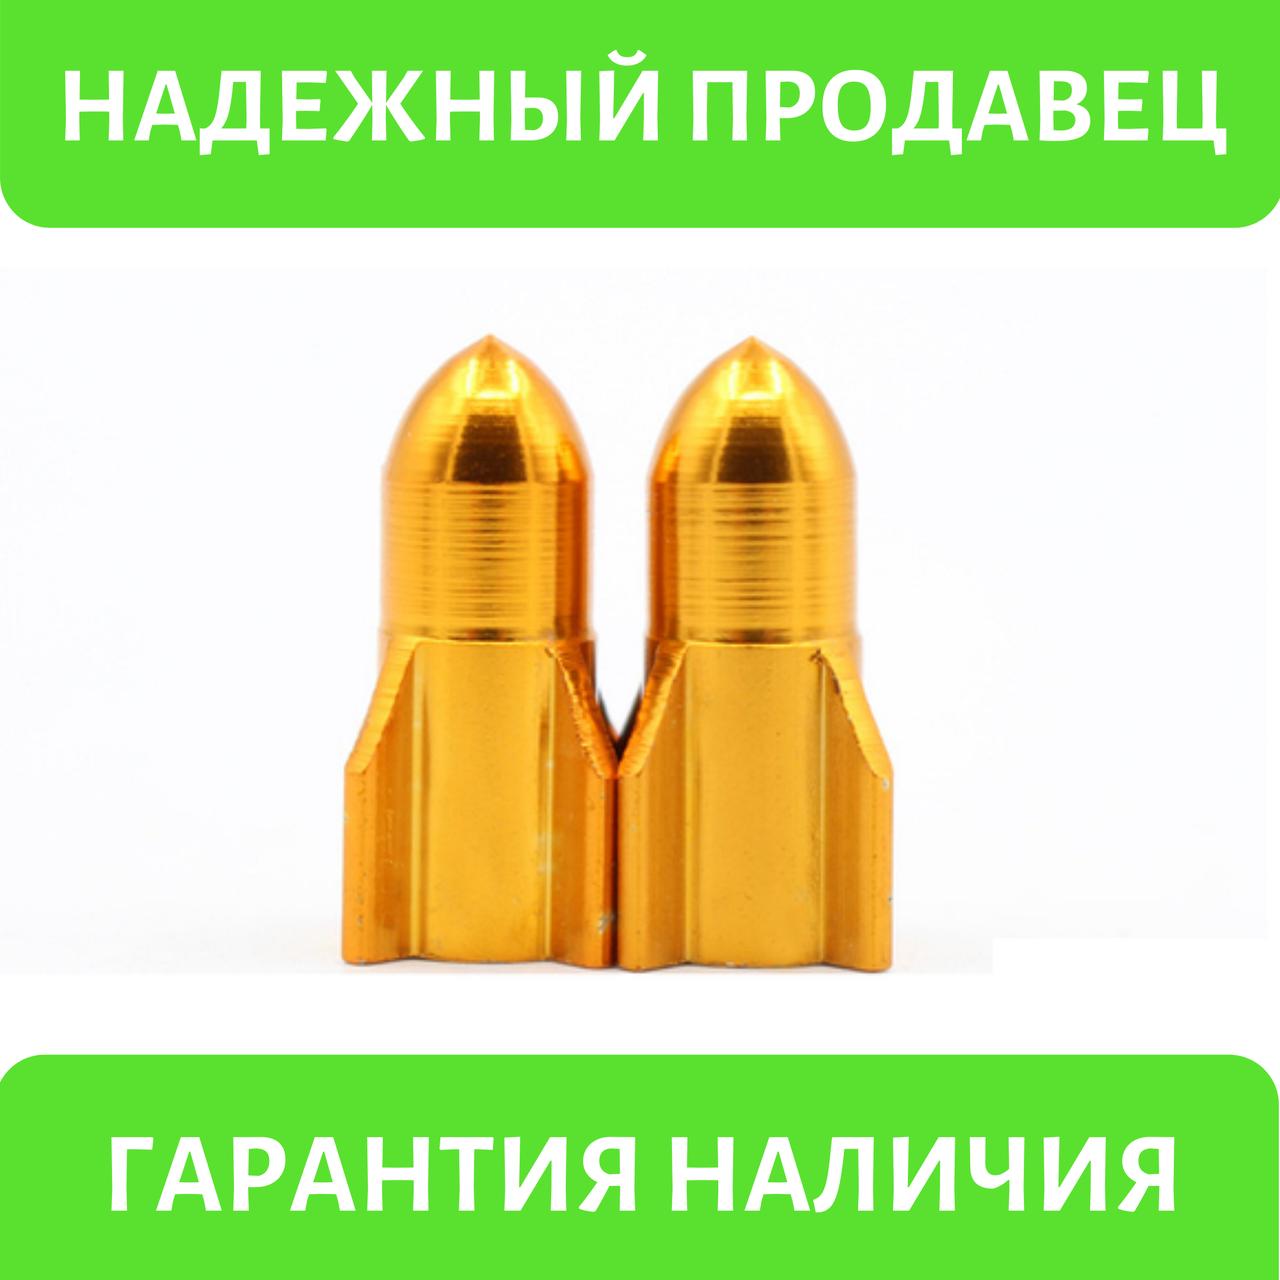 Ковпачки Ракета на ніпель авто мото вело, шредер (schrader) 2 шт у золотому кольорі